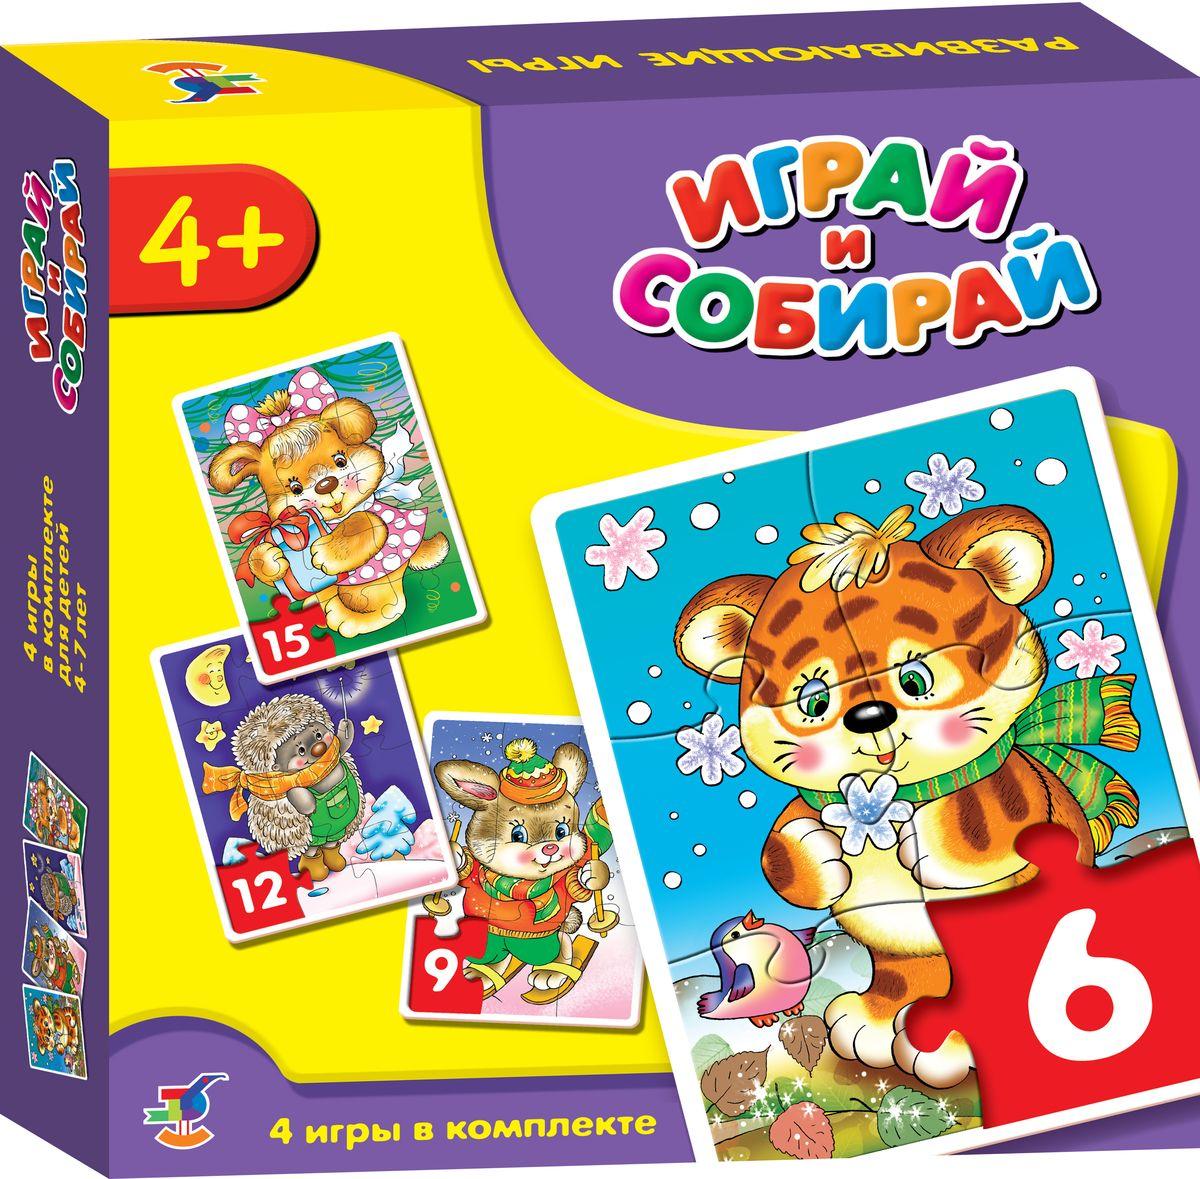 Дрофа-Медиа Пазл для малышей Играй и собирай 4 в 1 2945 дрофа медиа сказки играй и собирай дрофа медиа